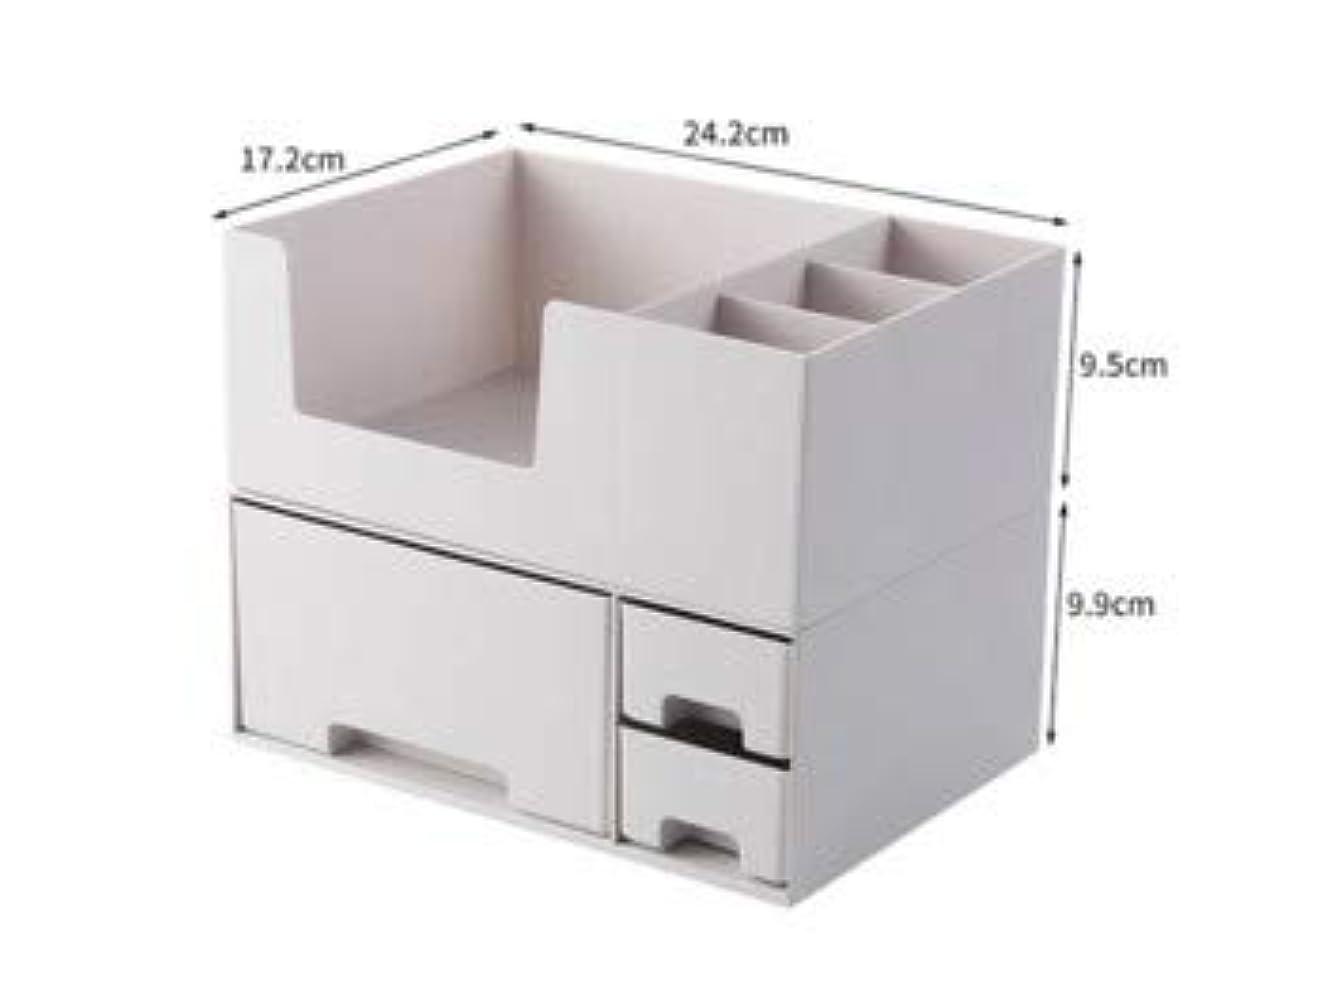 言い換えると秘書含める化粧品収納ボックスプラスチックデスクトップ仕上げボックスマスクスキンケア製品ラック口紅ボックス収納 (Color : ホワイト)